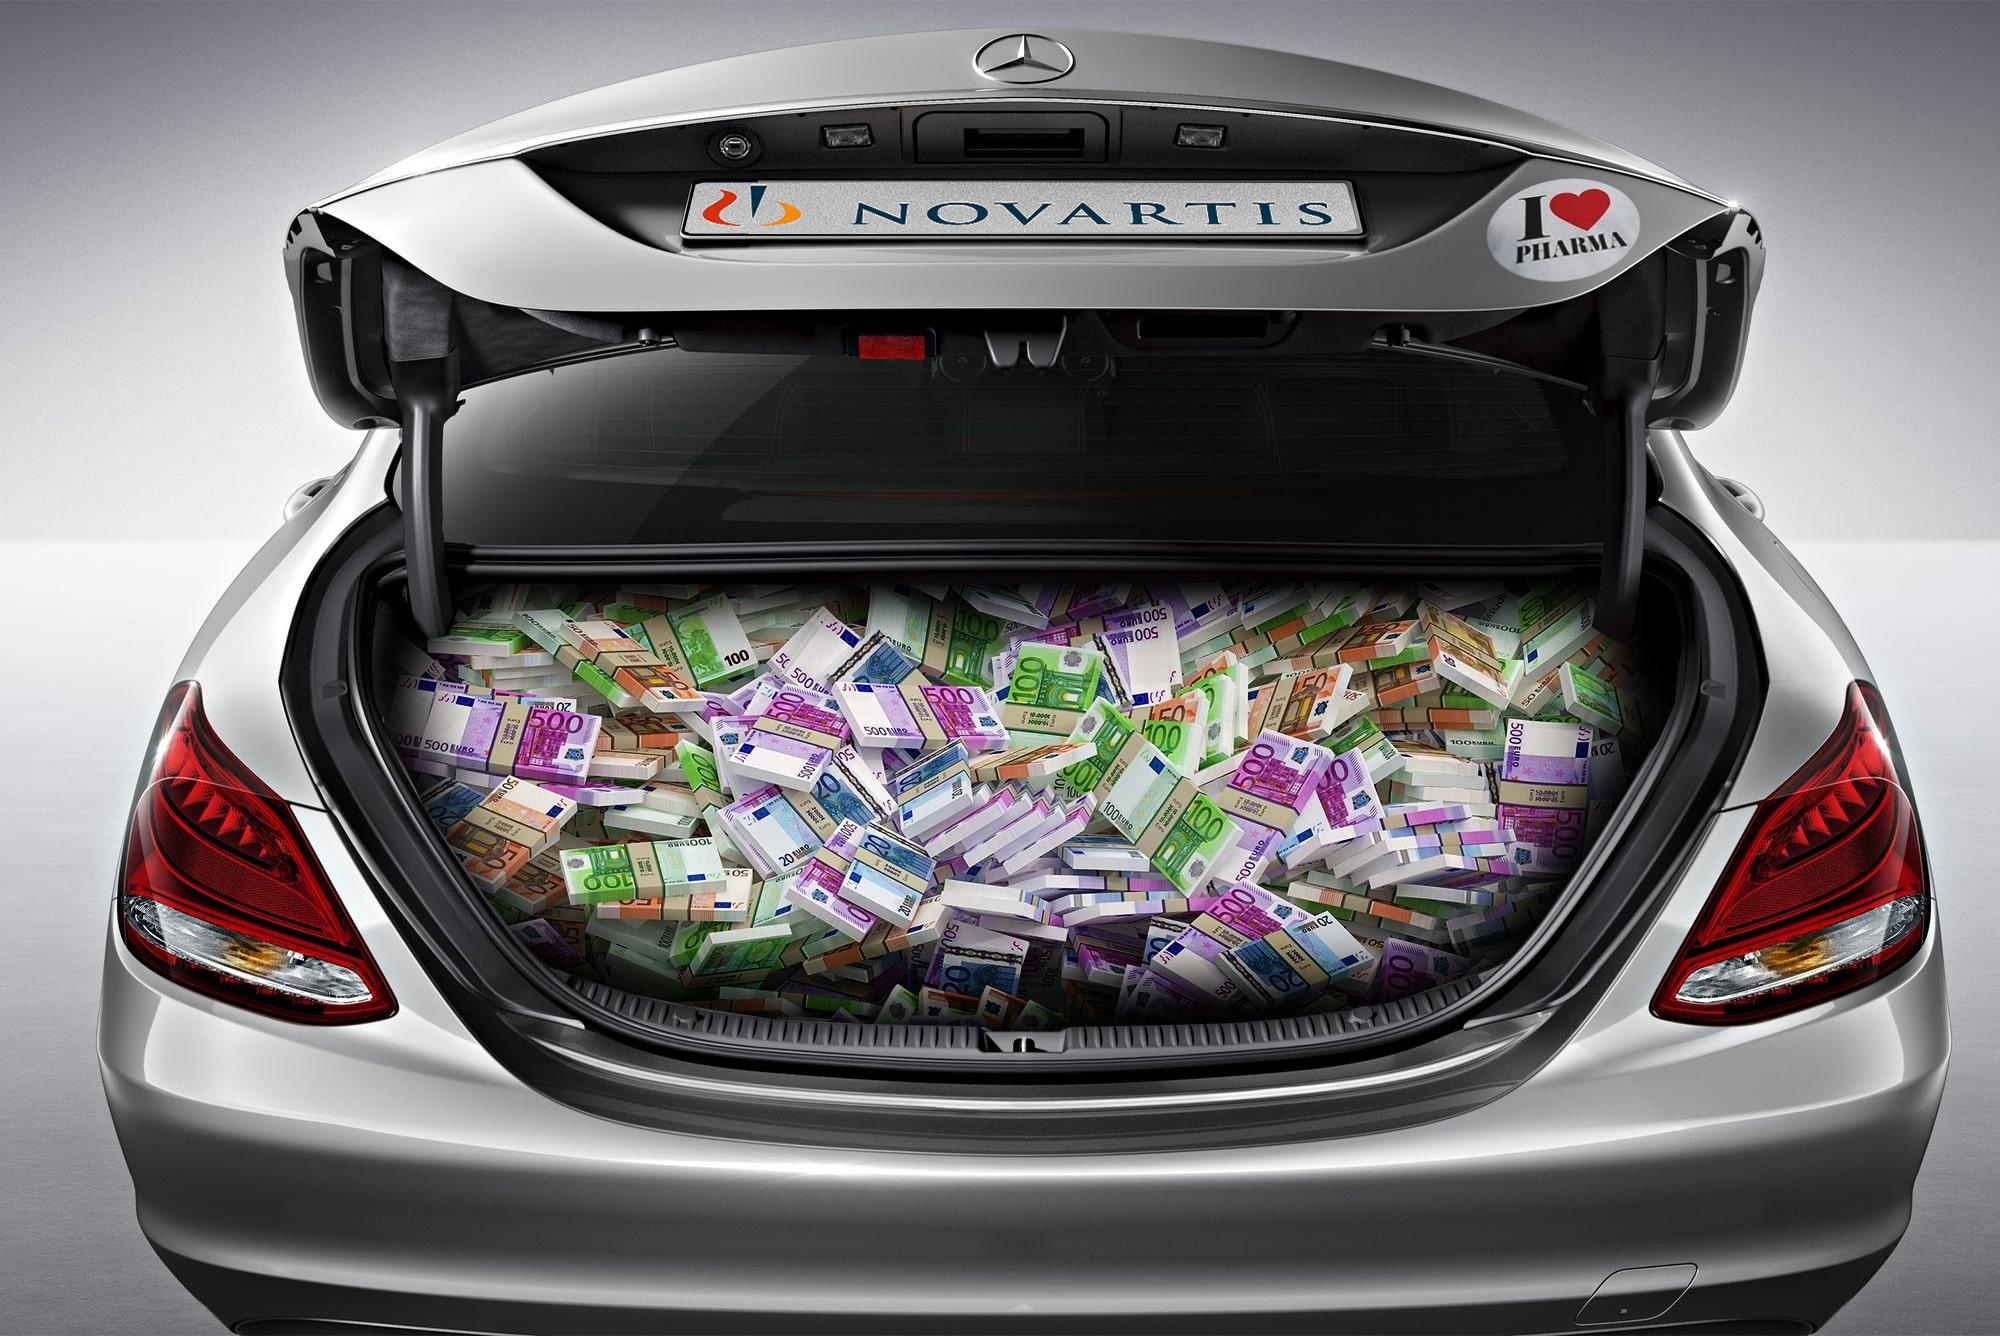 Geldgeschenke an hohe Politiker, geliefert im Novartis-Dienstauto, davon berichten  griechische Medien.